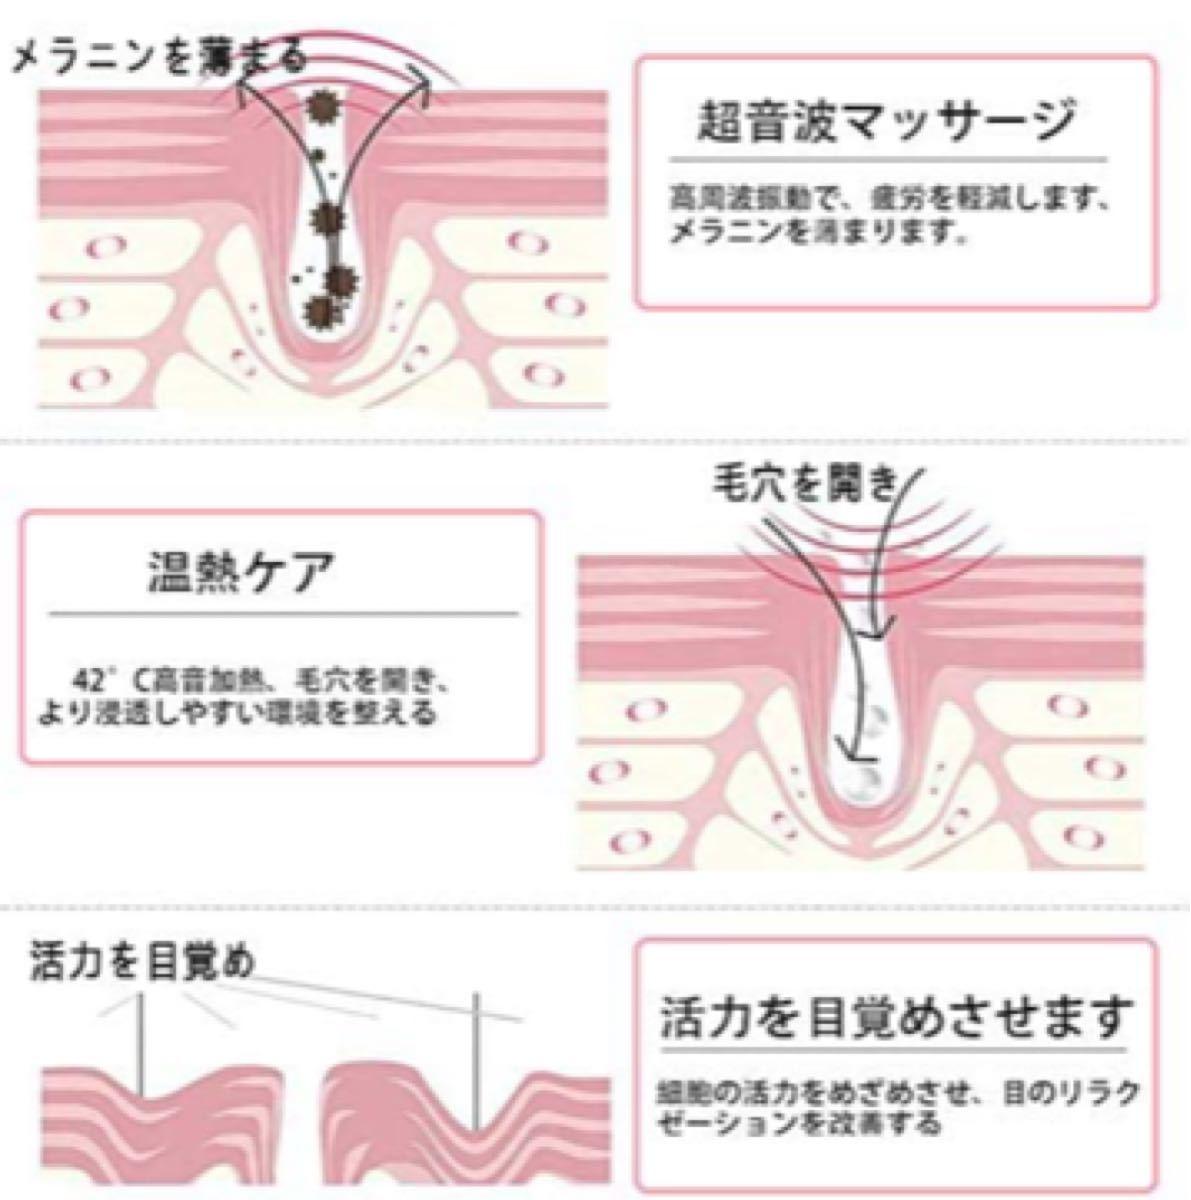 超音波美顔器 目元ケア イオン導入 温熱マッサージ 眼精疲労に